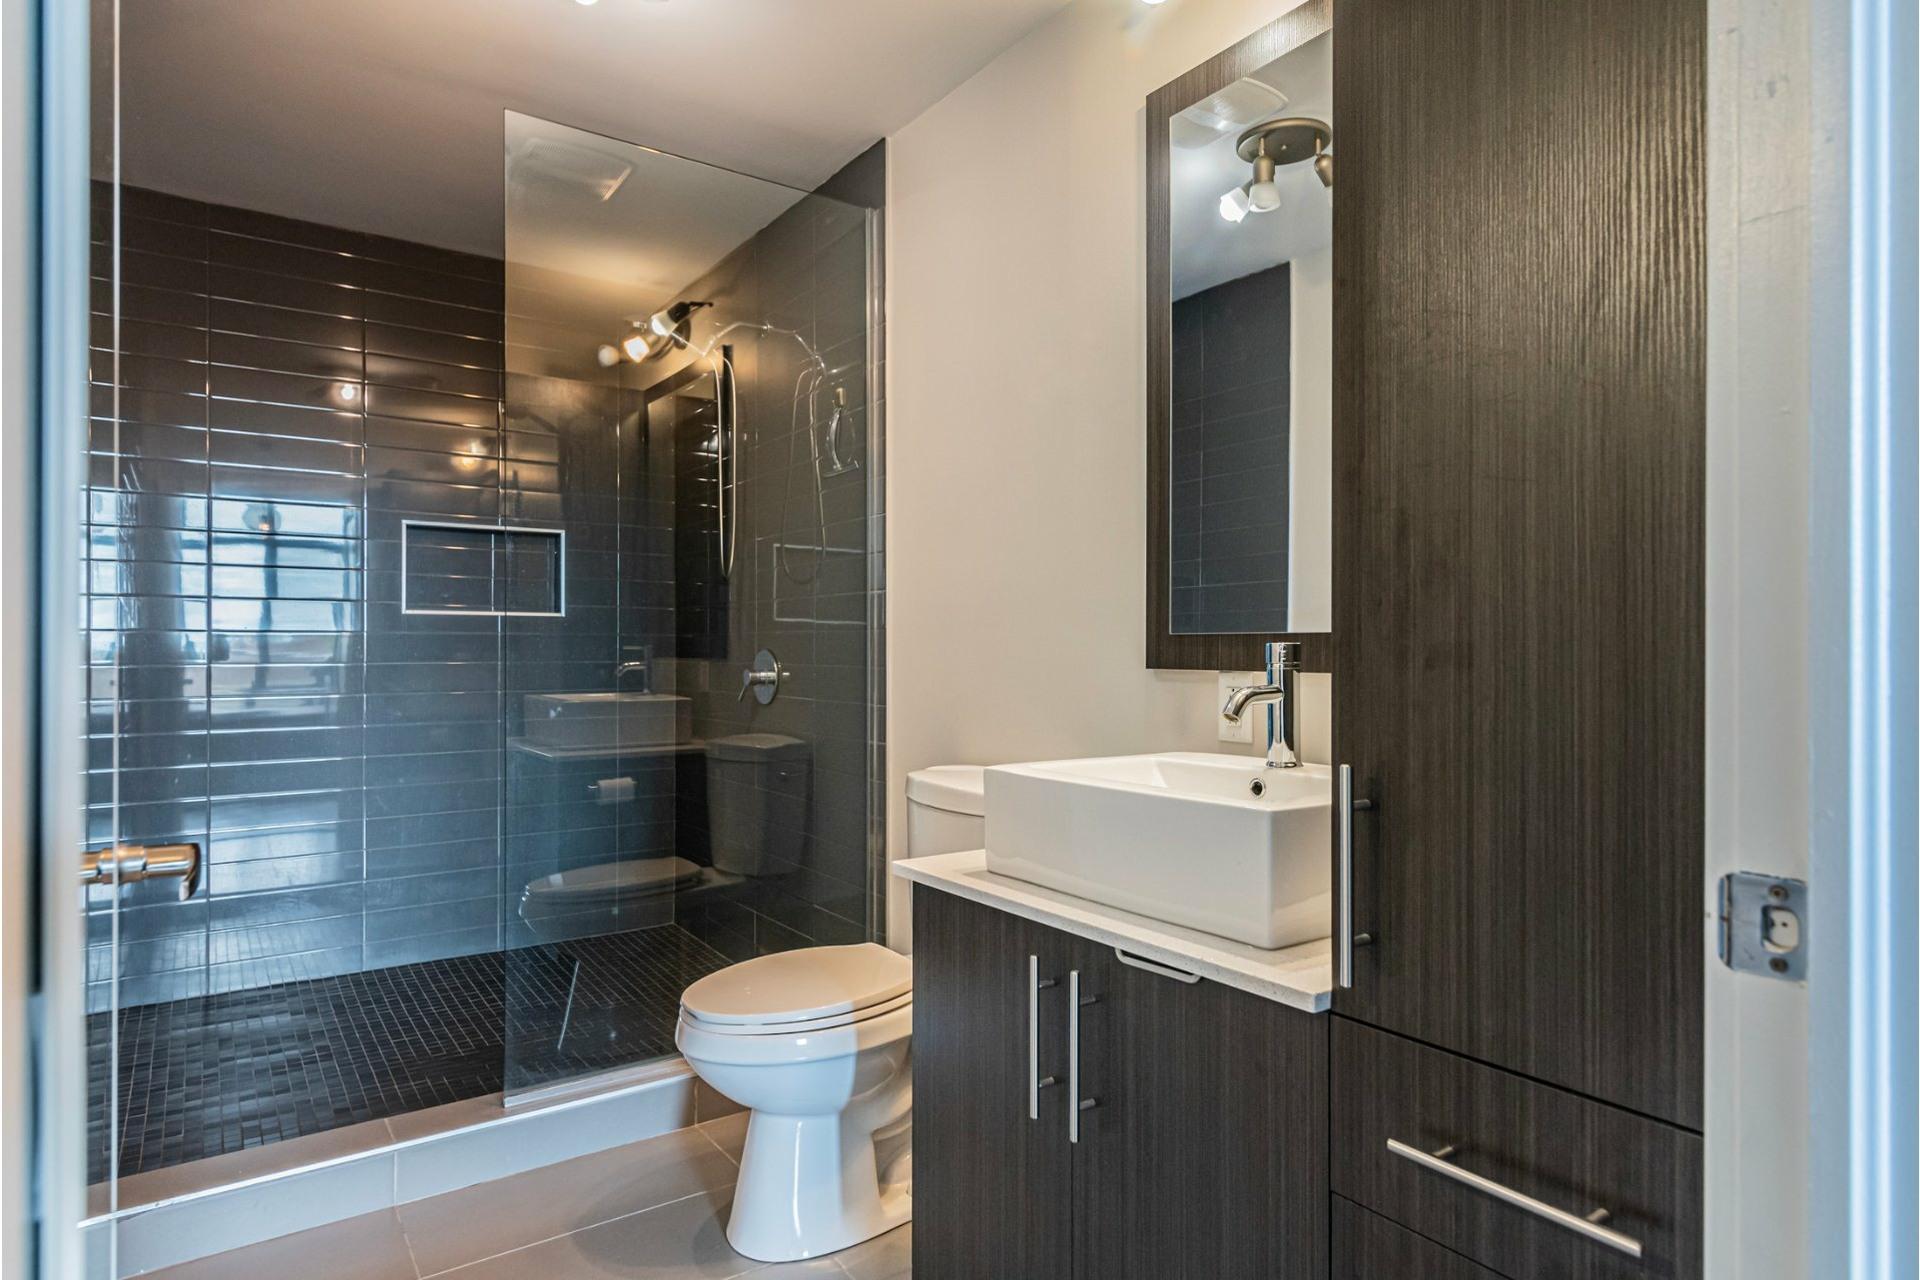 image 23 - Appartement À vendre Lachine Montréal  - 9 pièces